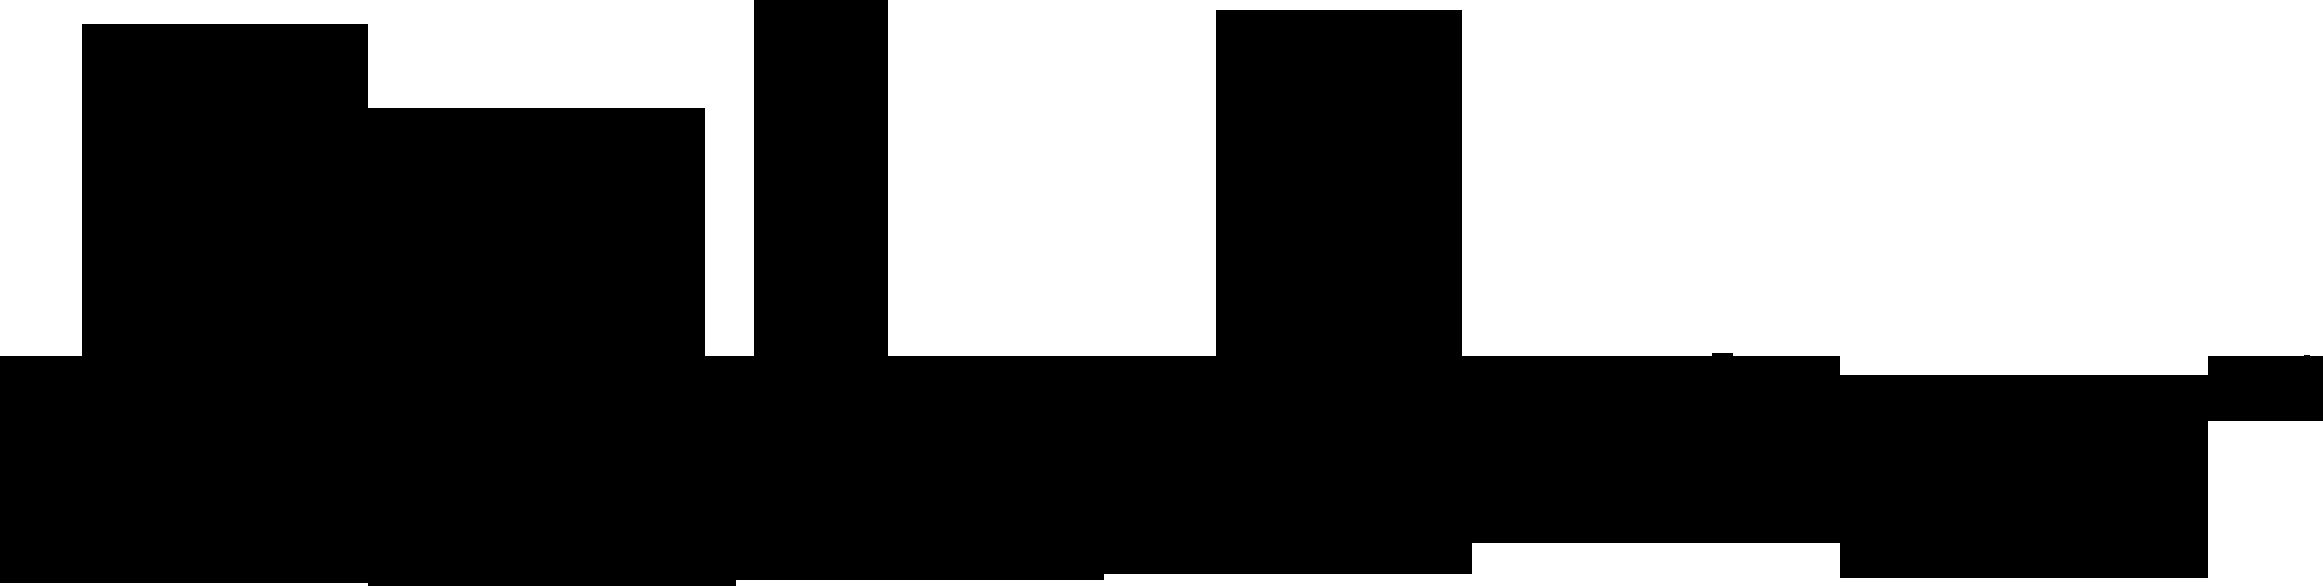 飲食業と和風/筆タッチと黒のロゴ